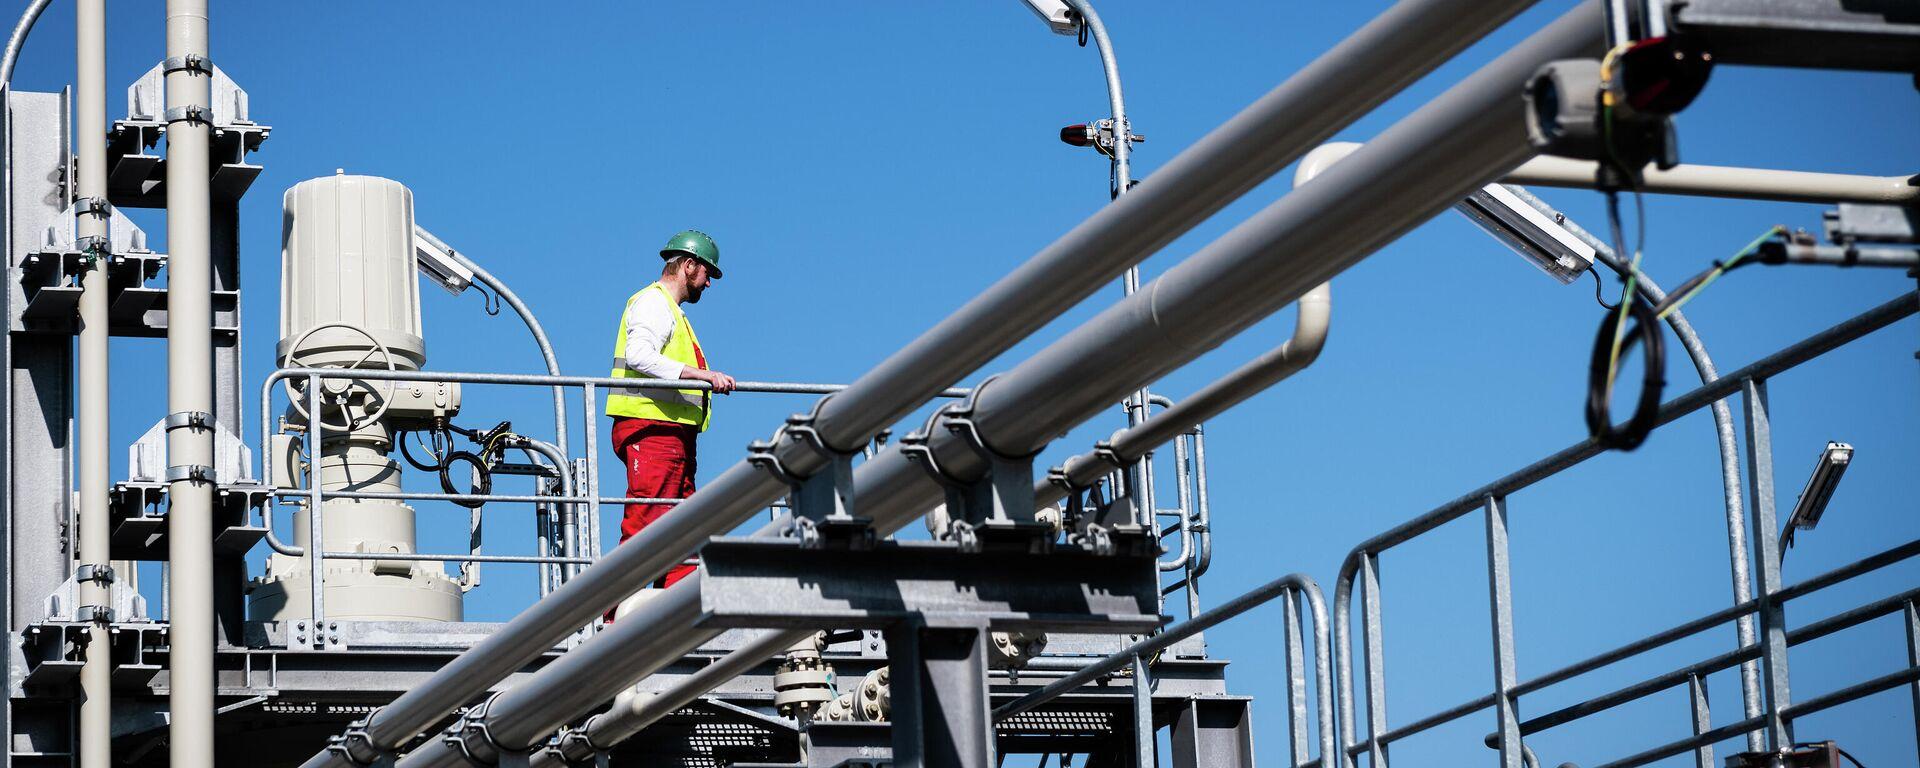 La construcción del gasoducto Nord Stream 2 en Alemania - Sputnik Mundo, 1920, 28.07.2021